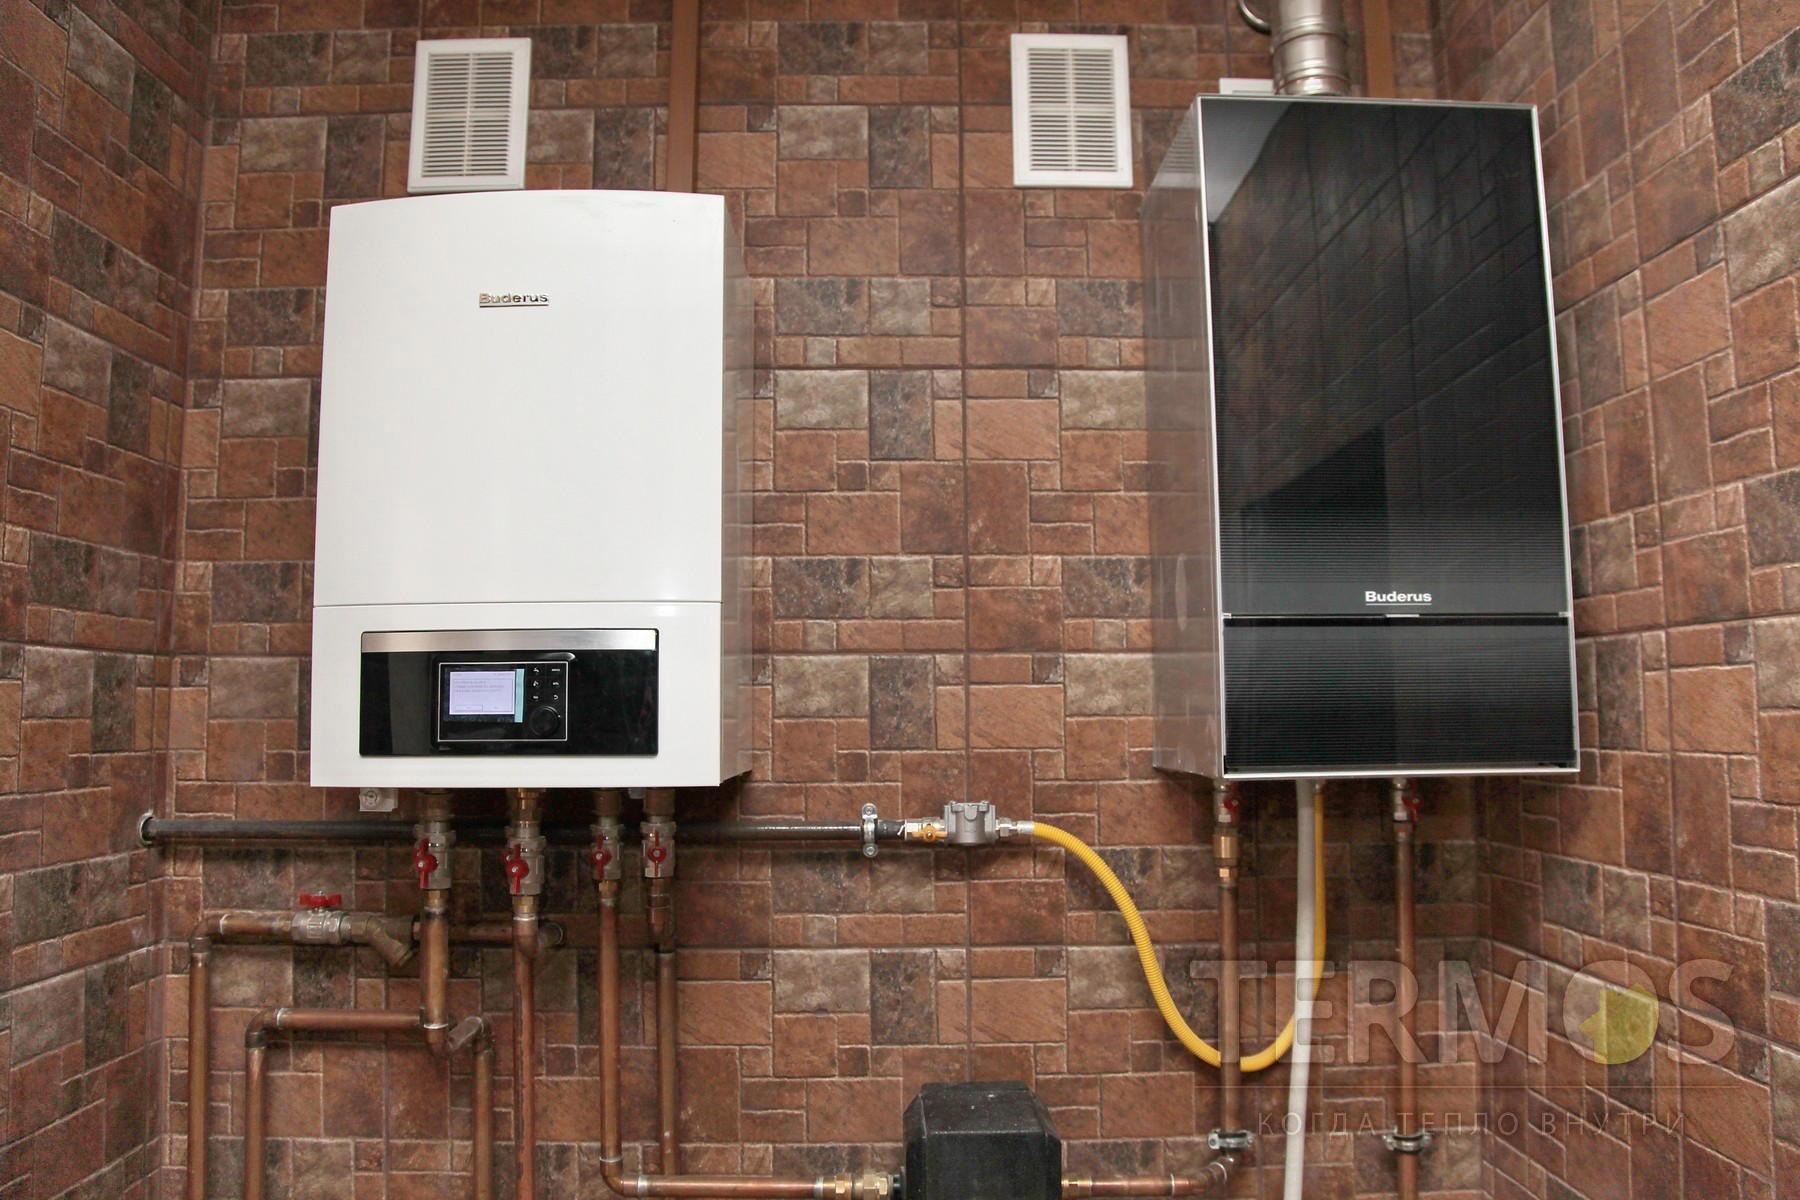 Дом 300 кв м. Система отопления на воздушном тепловом насосе BUDERUS Германия 17 кВт и газовом конденсационным котлом BUDERUS. Исходя из наружной температуры и расценок на газ и электричество, подключается источник обеспечивающий большую эффективность